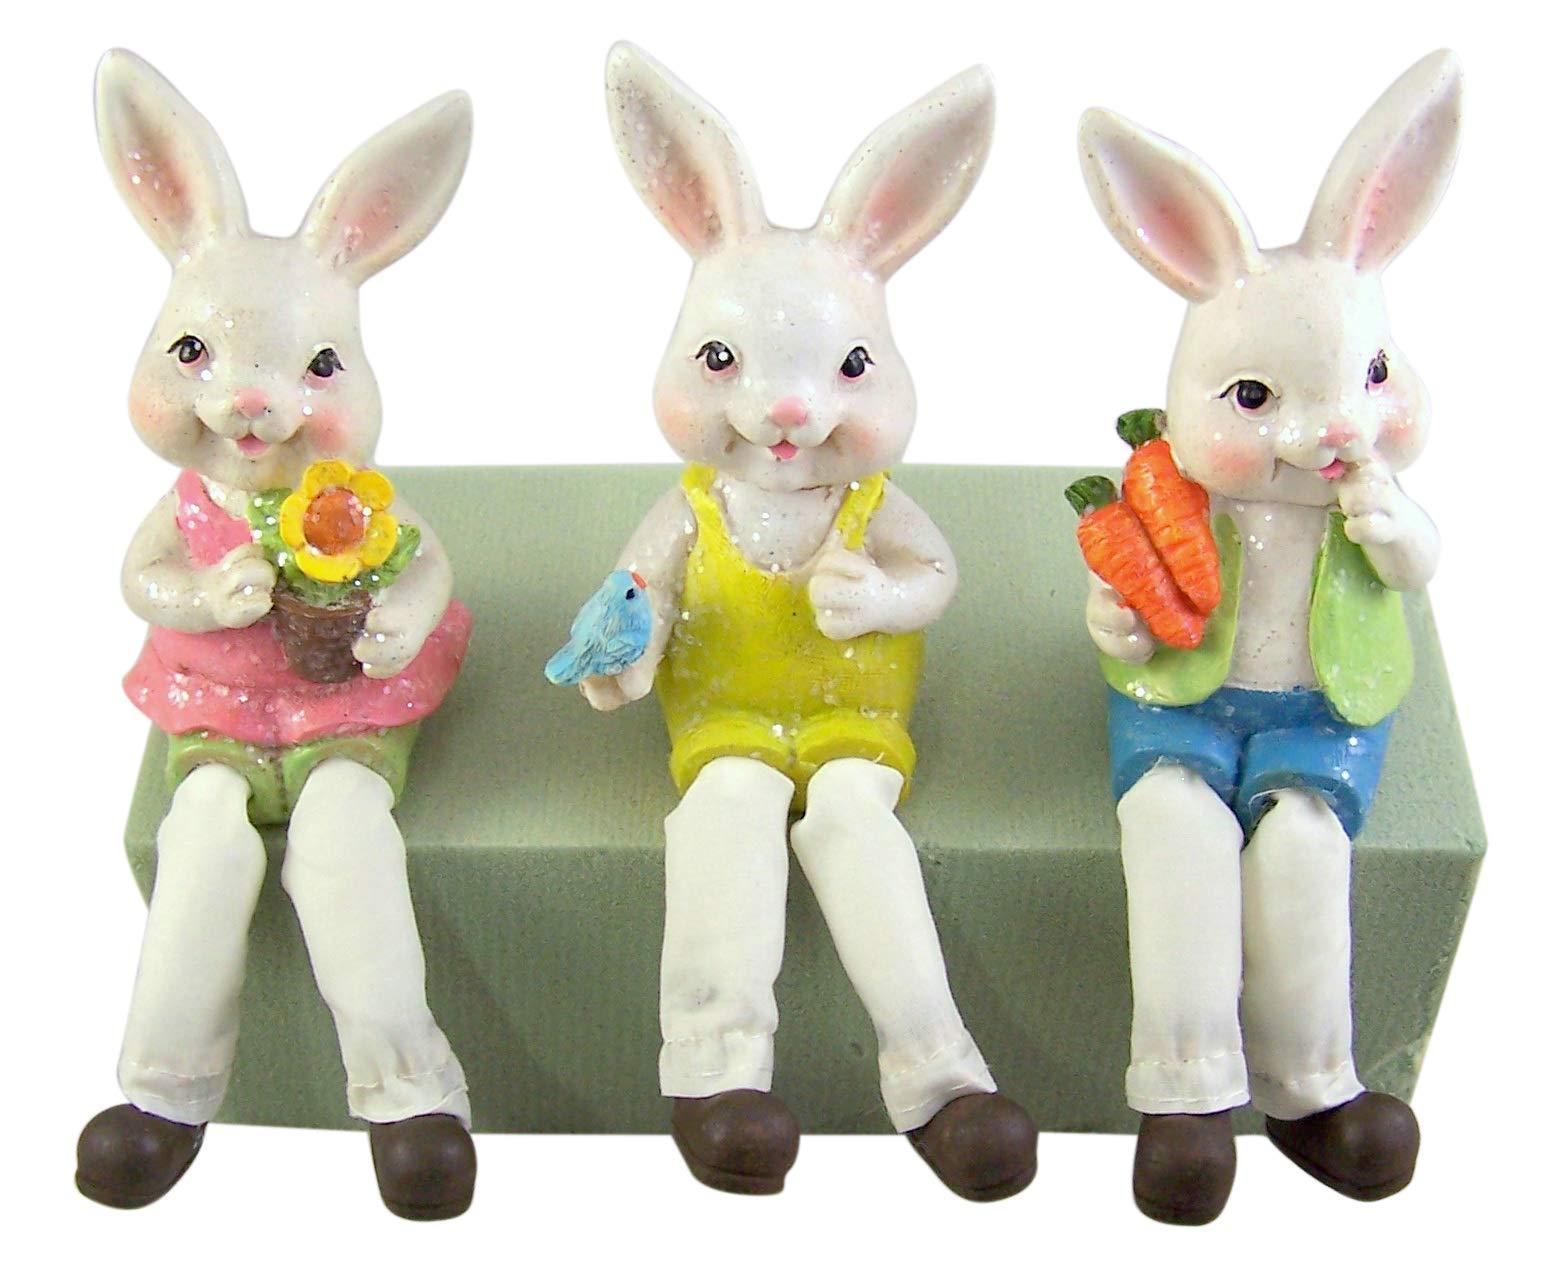 L Bongjas Dream Handmade Wooden Easter Bunny Shelf Sitter Rabbit